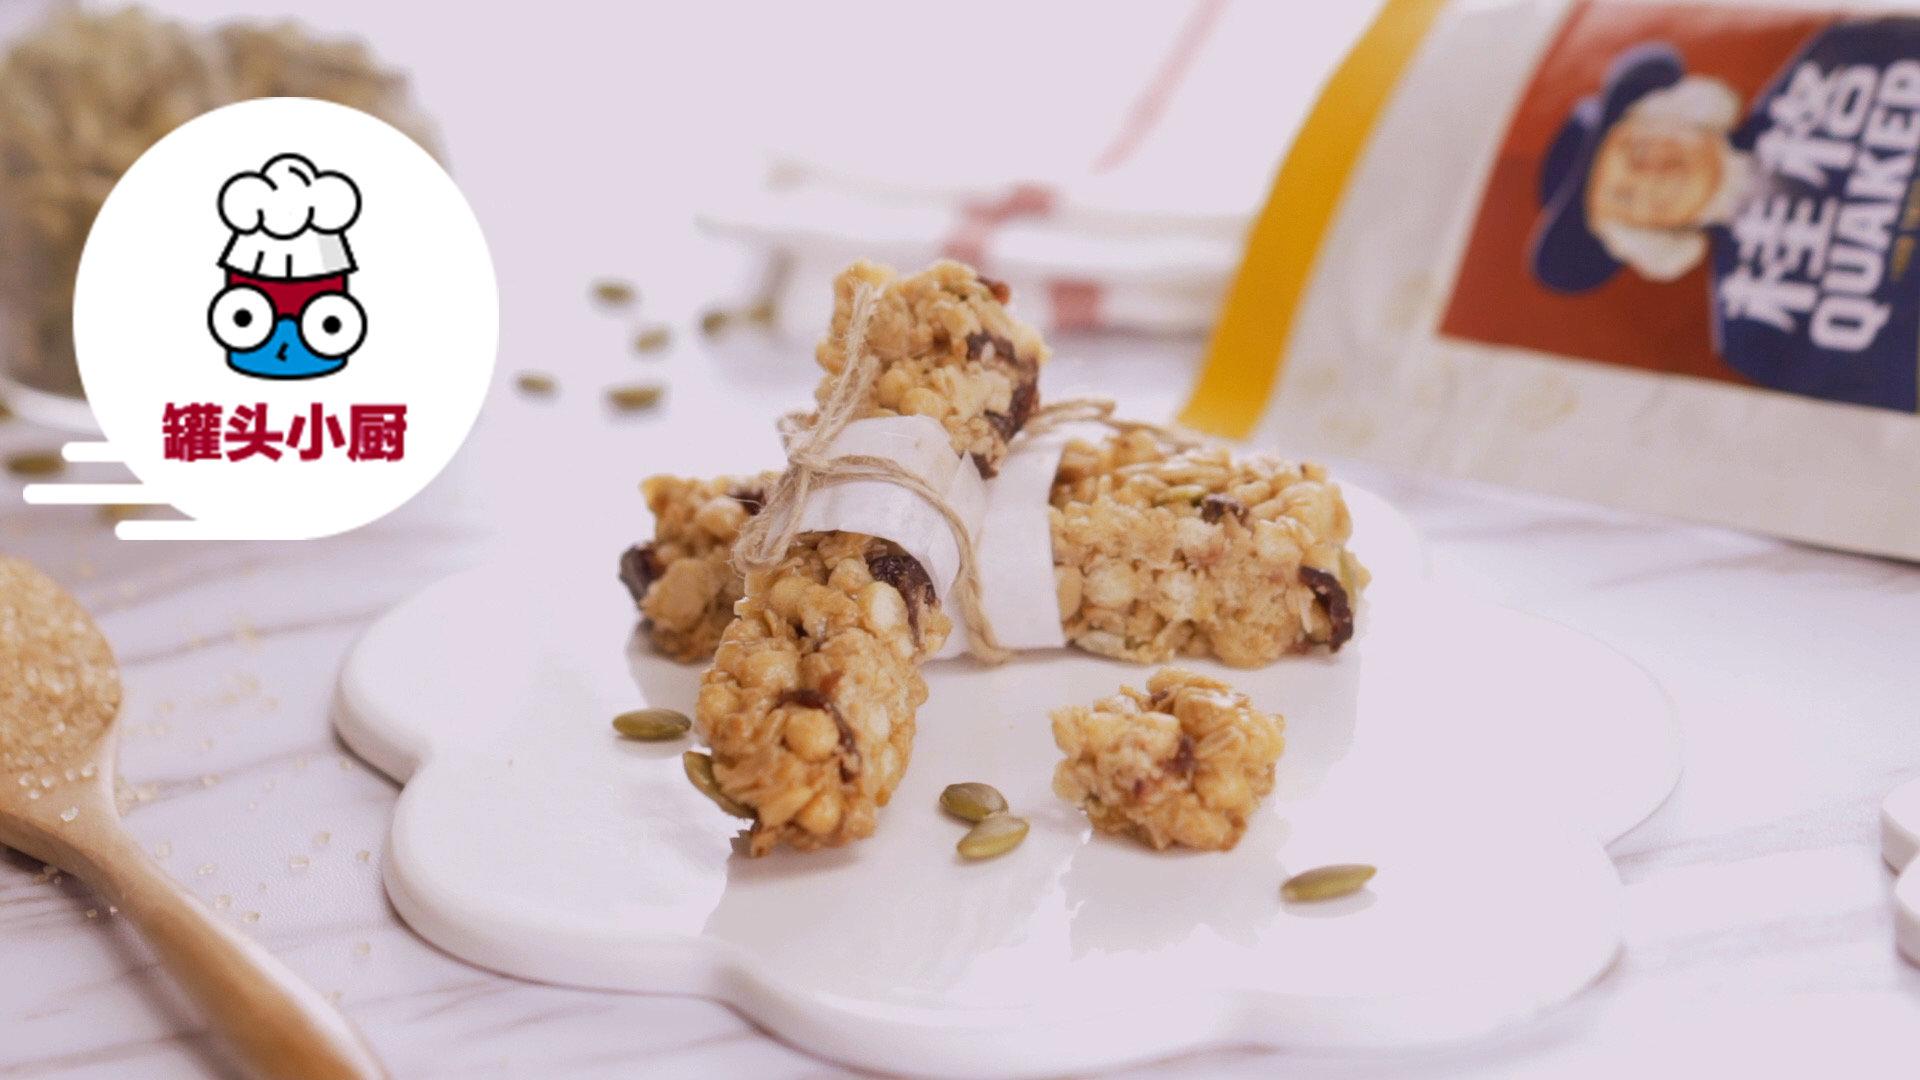 3招燕麦高能新吃法,最方便健康的减肥餐首选!